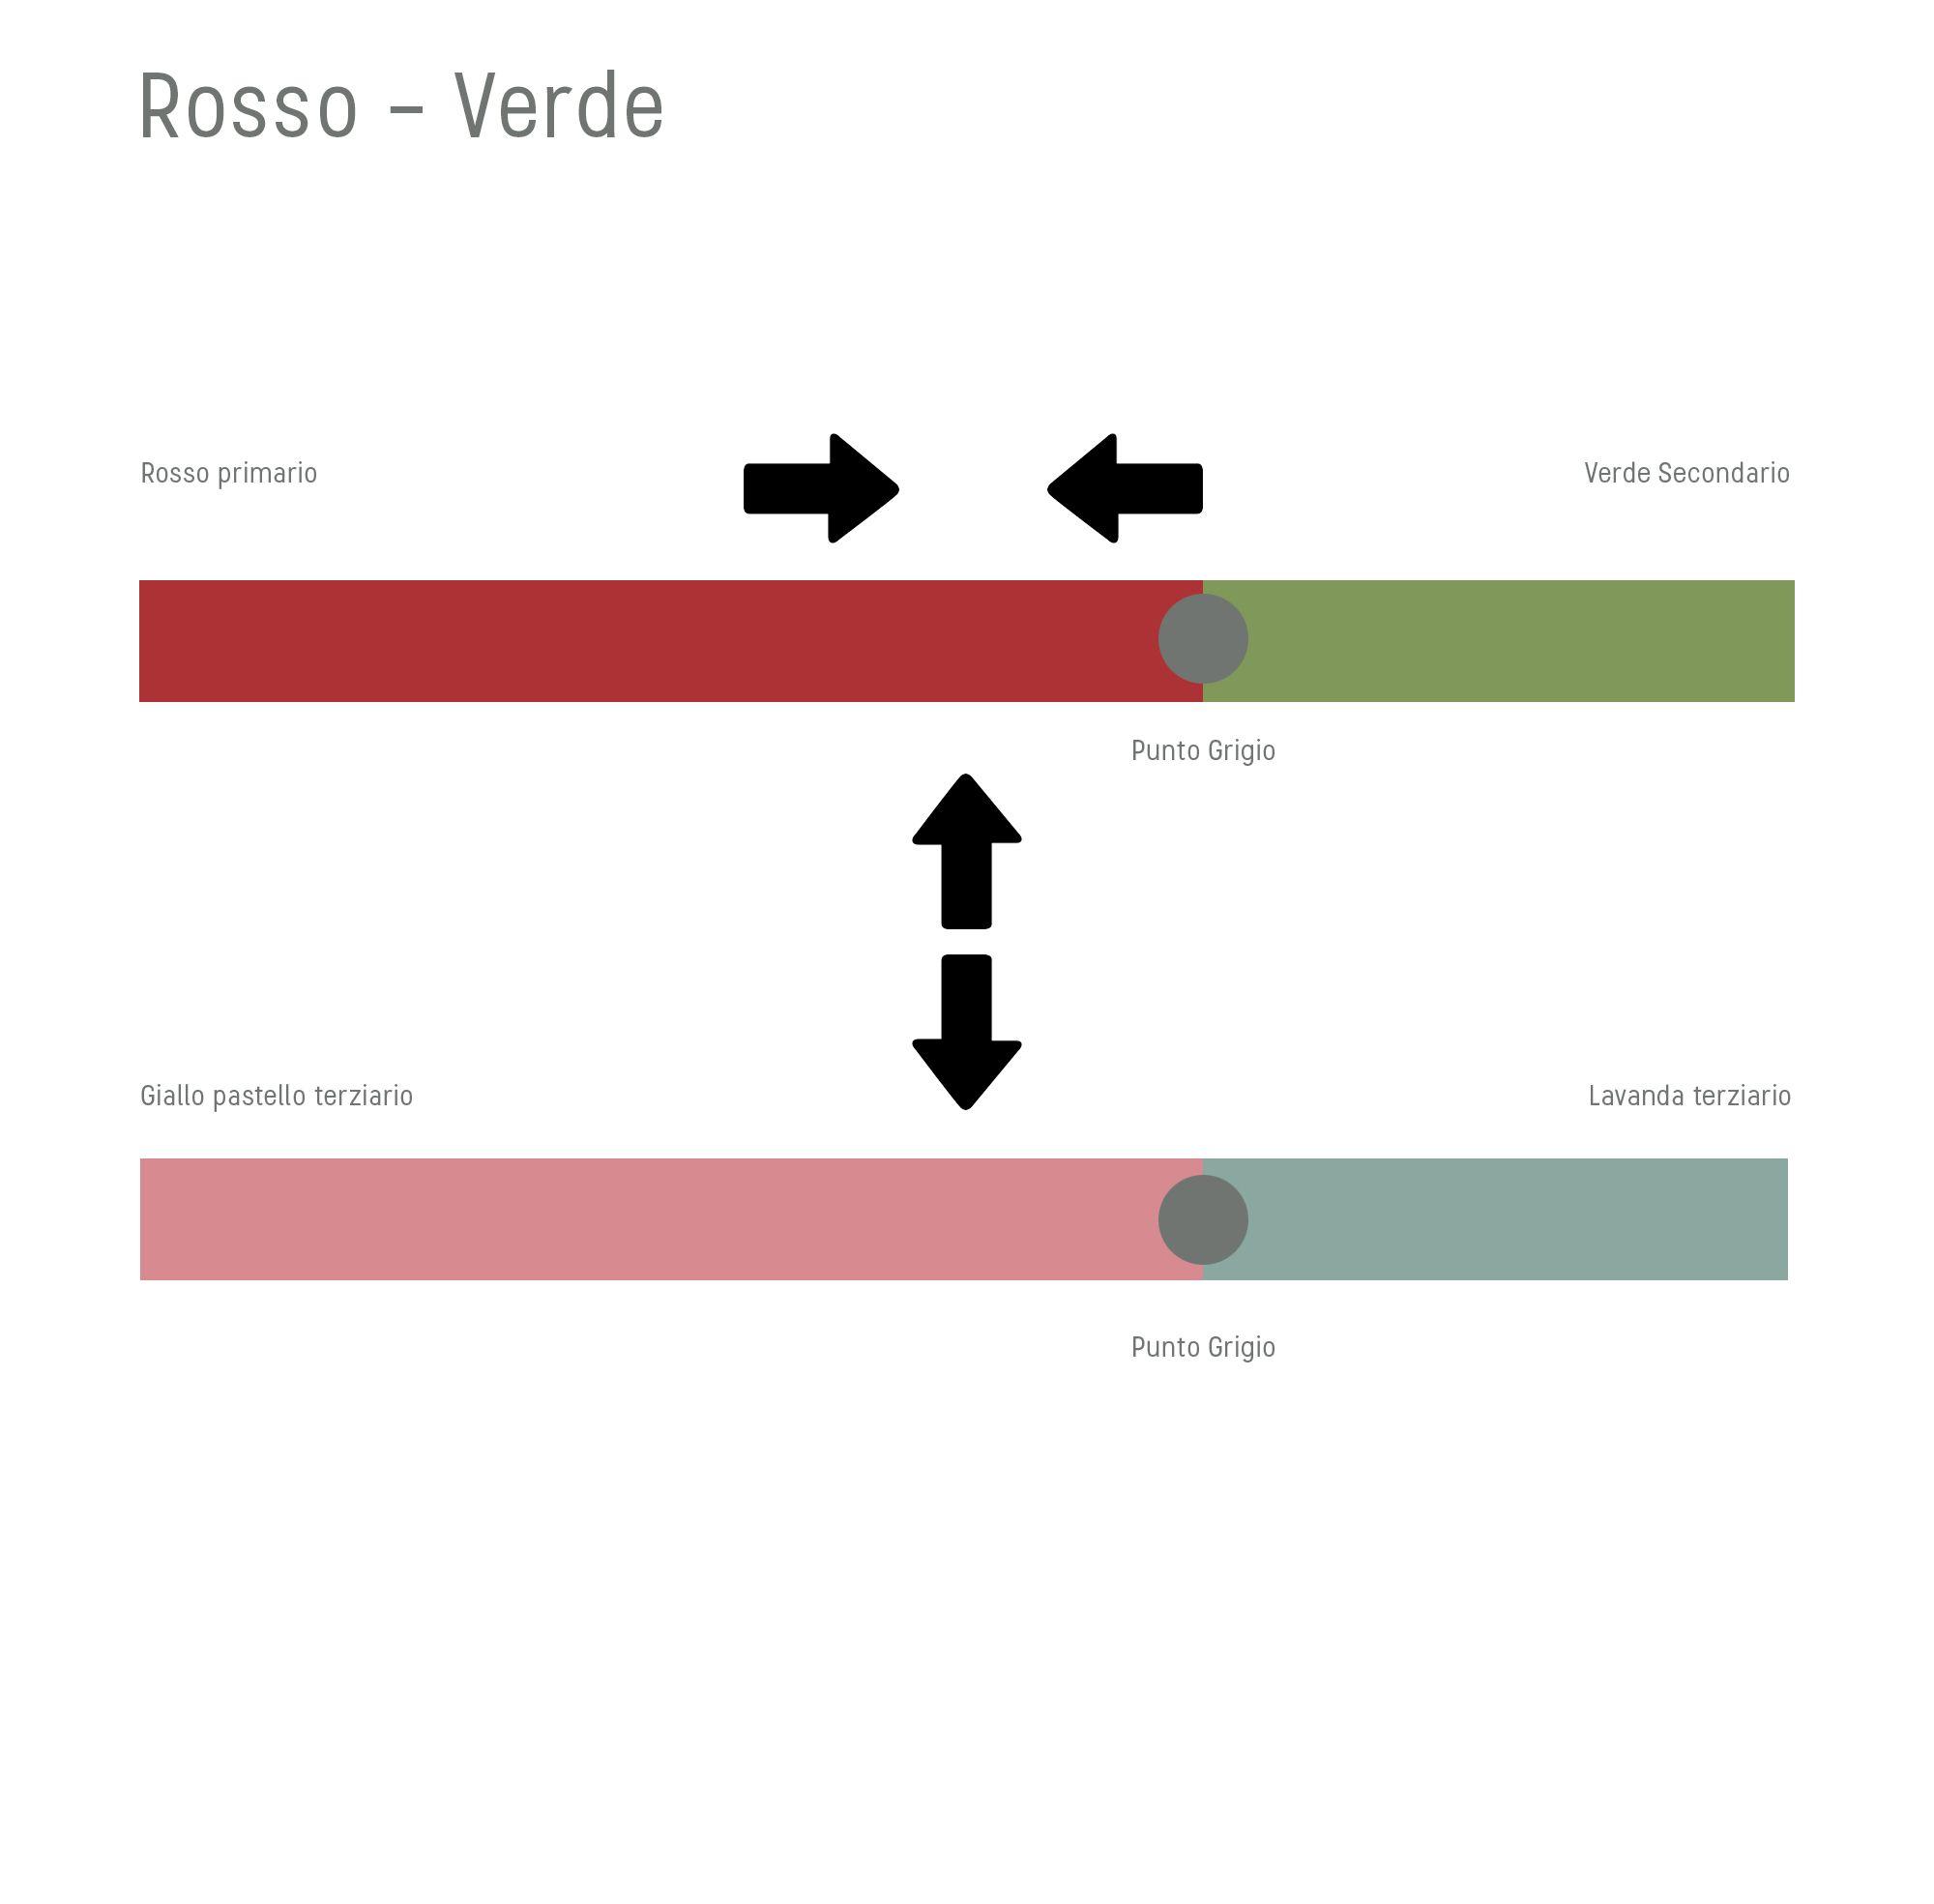 Scala colori 1: Rosso - verde